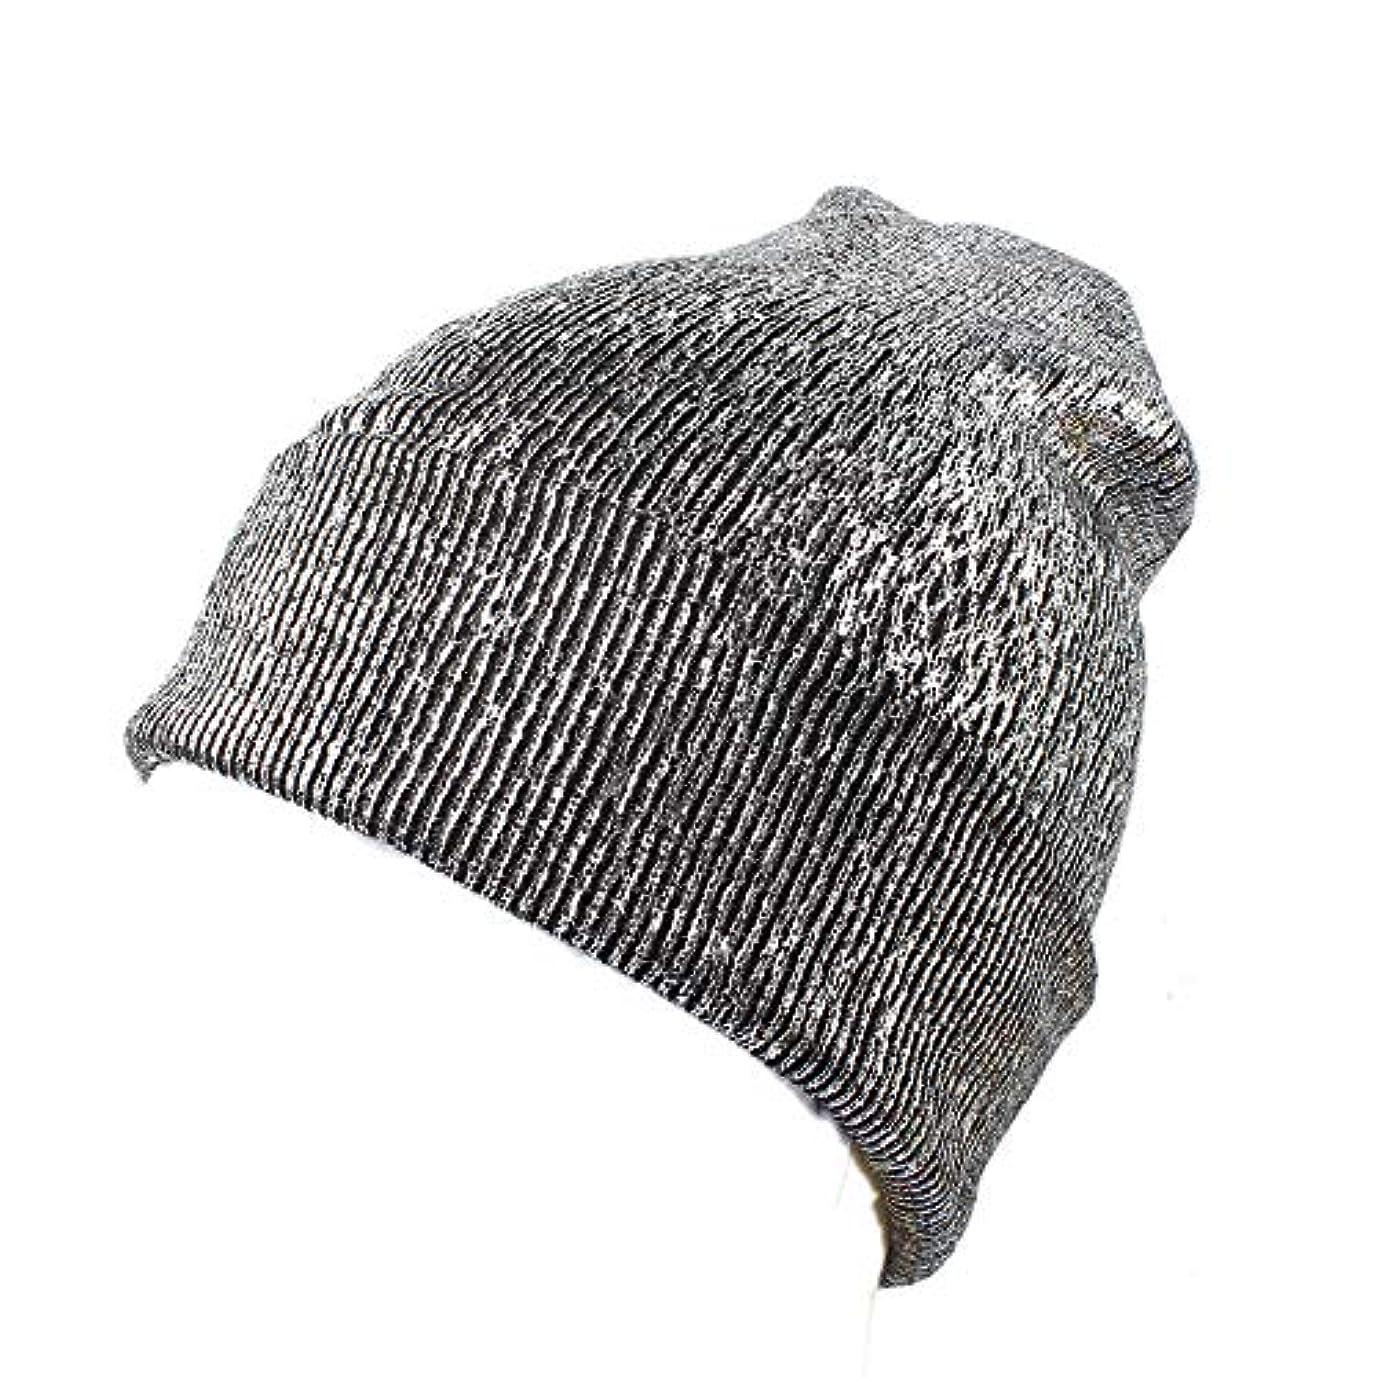 Racazing 選べる3色 クリスマスの冬 ニット帽 耳保護 光沢 ニット帽 チェック ファッション 防寒対策 防風 暖かい 軽量 屋外 スキー 自転車 クリスマス ニット帽 Hat 女性用 (シルバー)